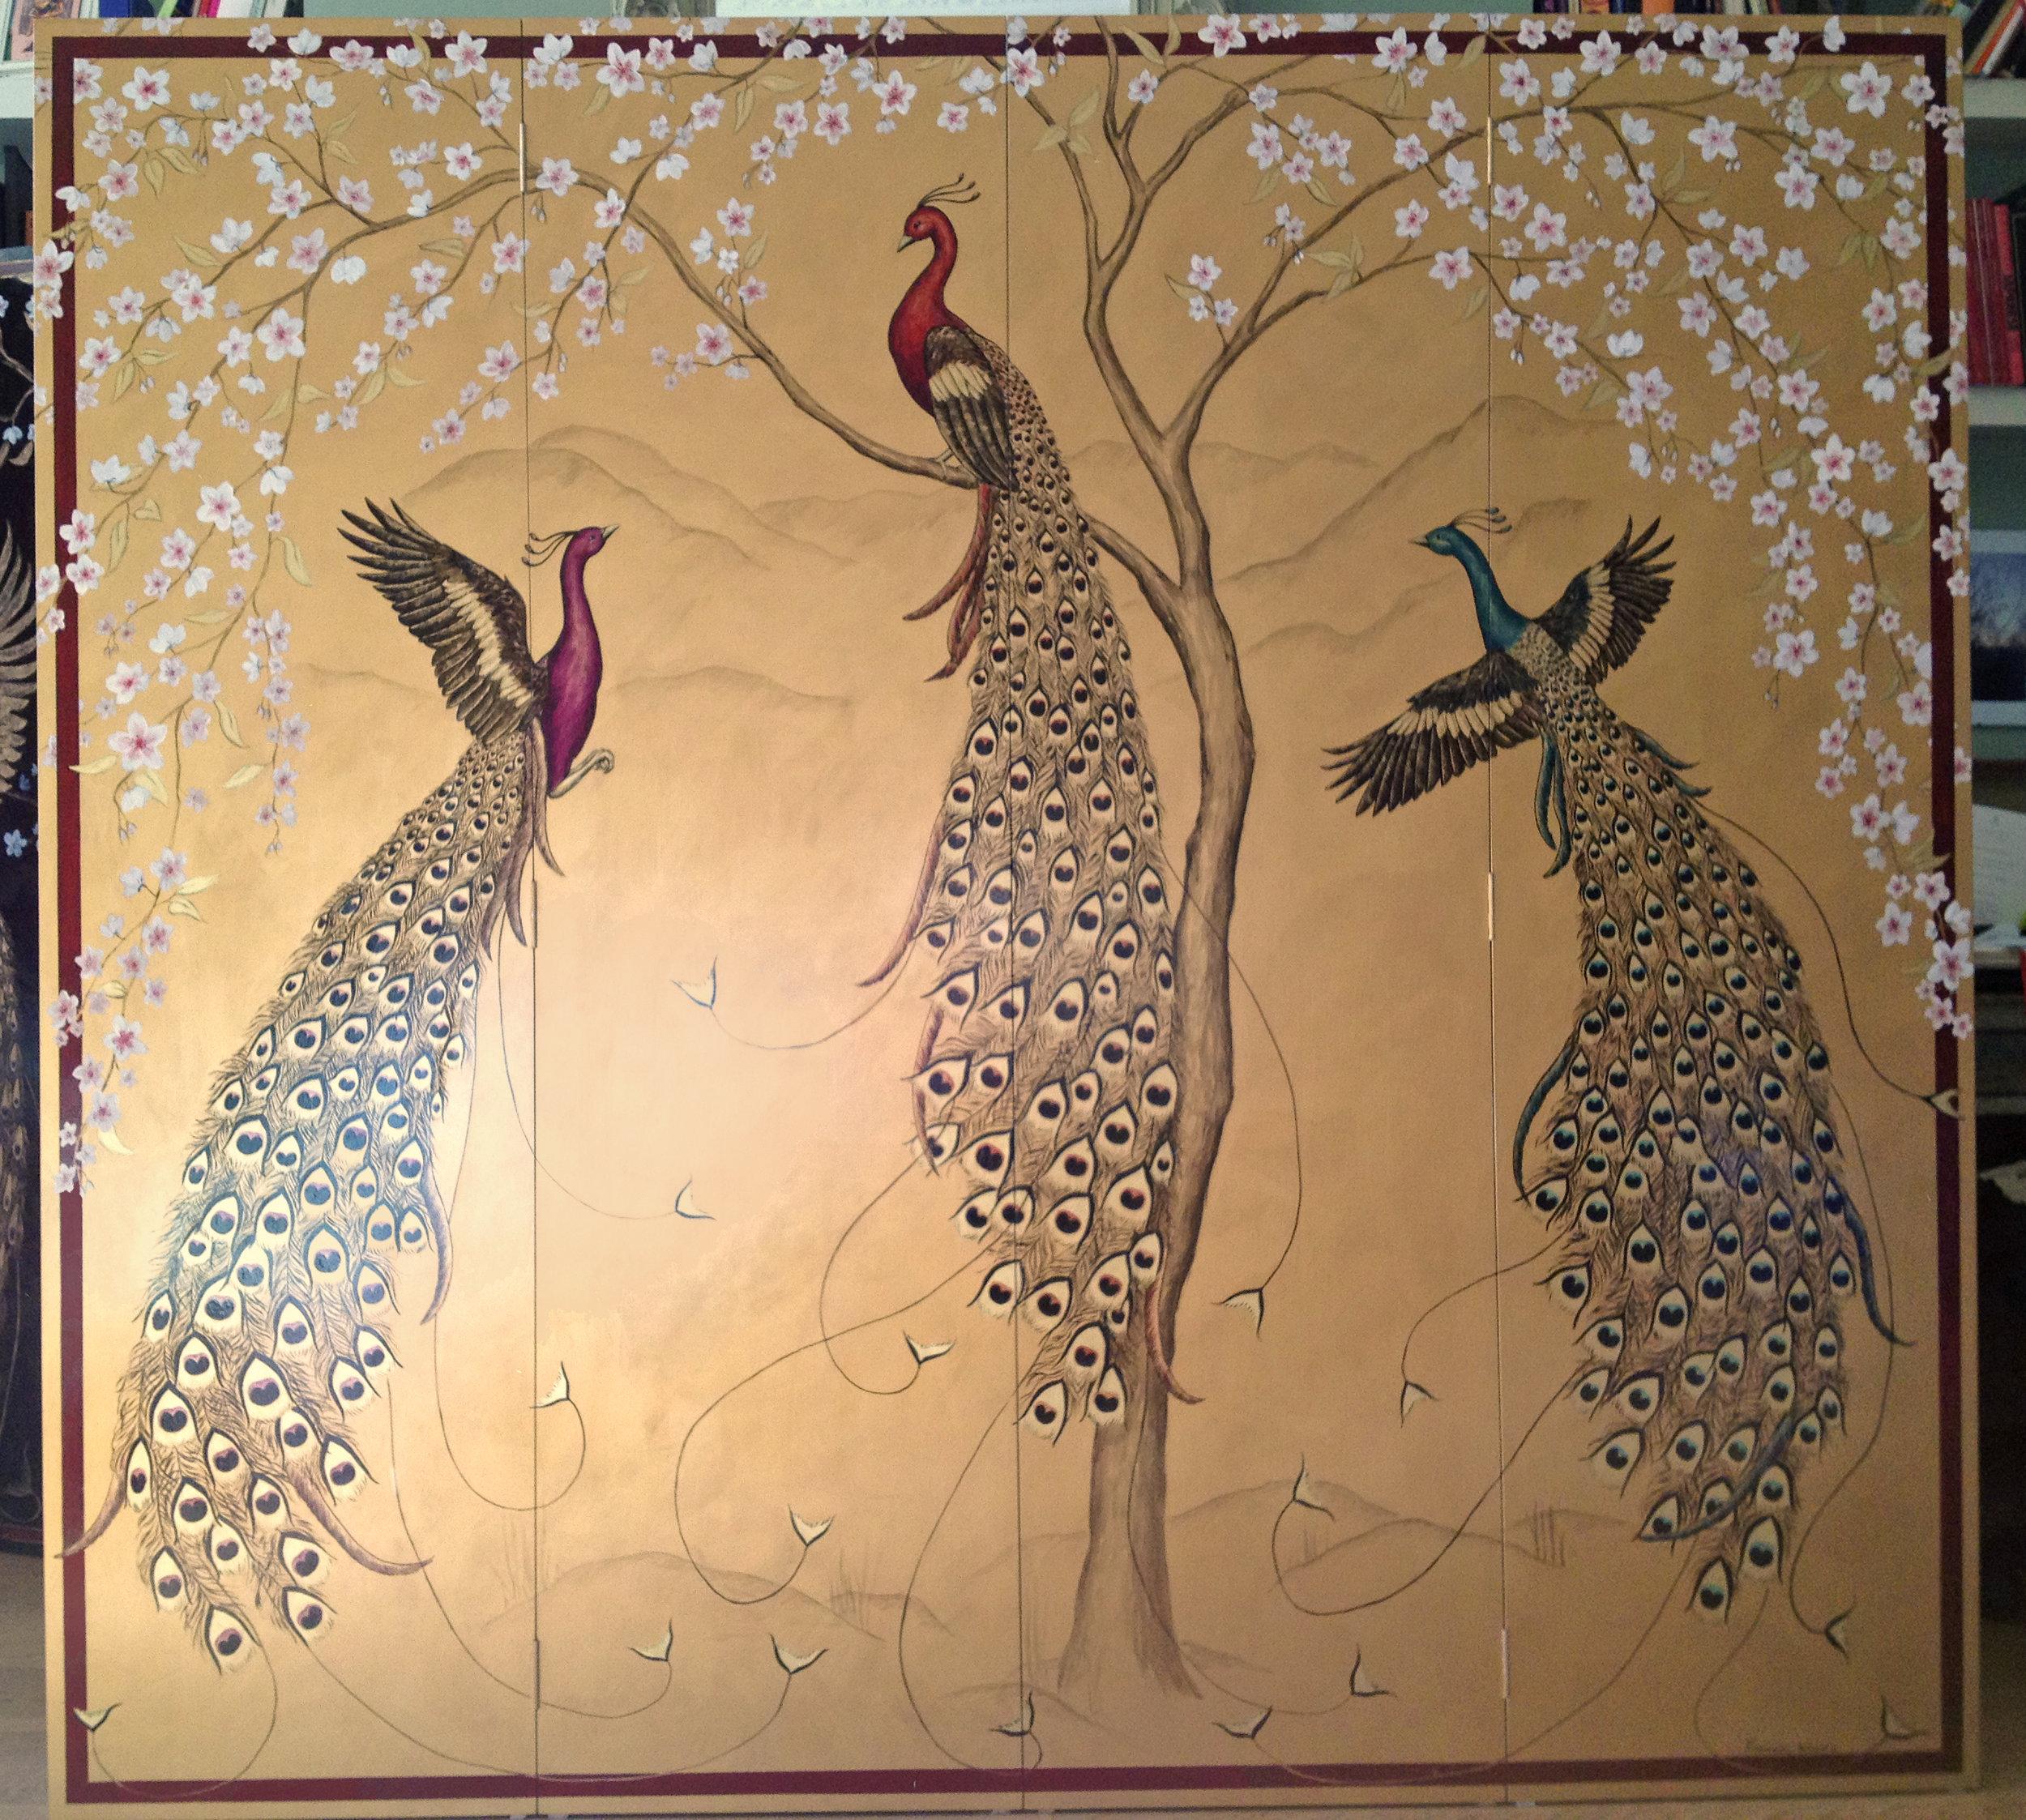 Murals - wall art - Frederik Wimsett -Birds of a Feather -Japanese screens